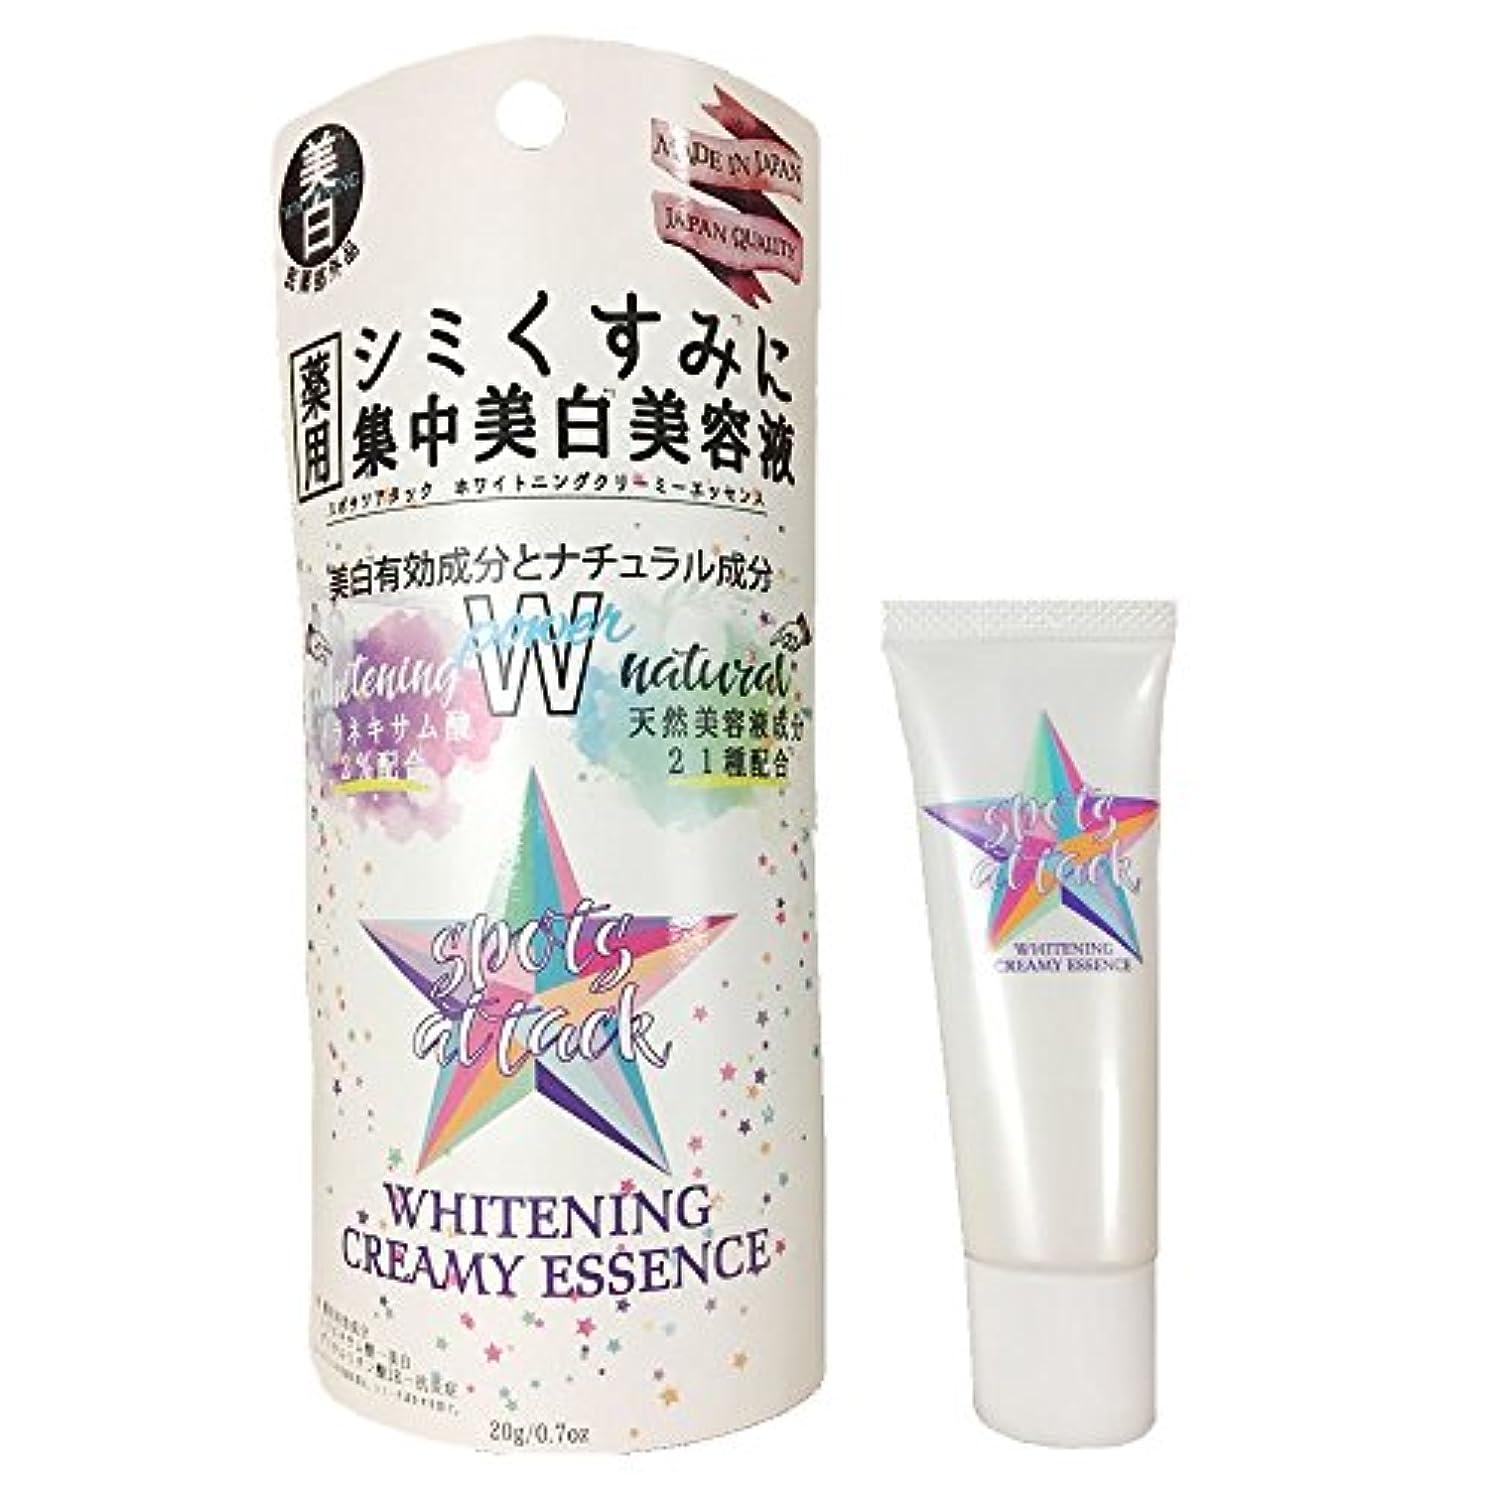 美白美容液 スポッツアタック ホワイトニングクリーミーエッセンス 20g